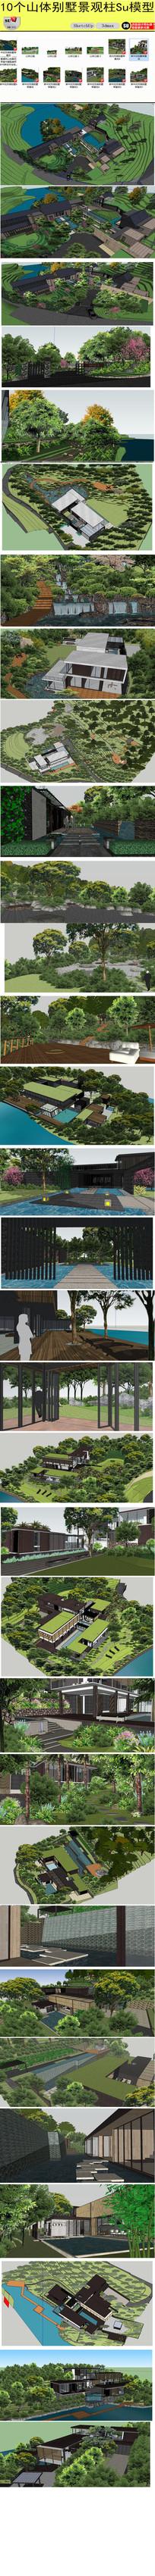 山地别墅建筑景观设计SU模型